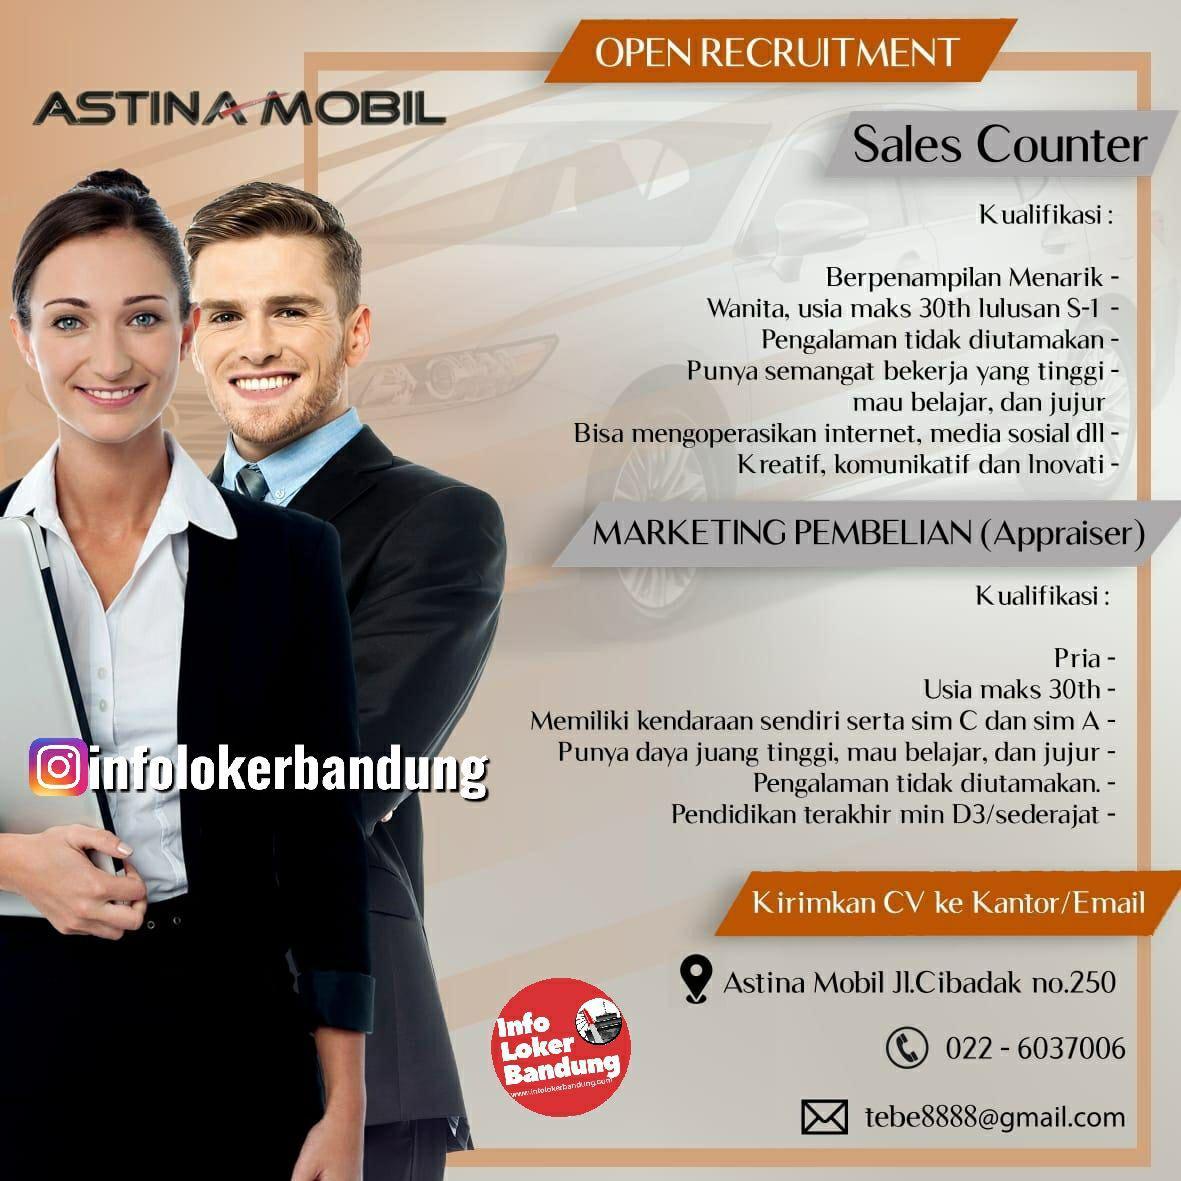 Lowongan Kerja Astina Mobil Bandung Mei 2019